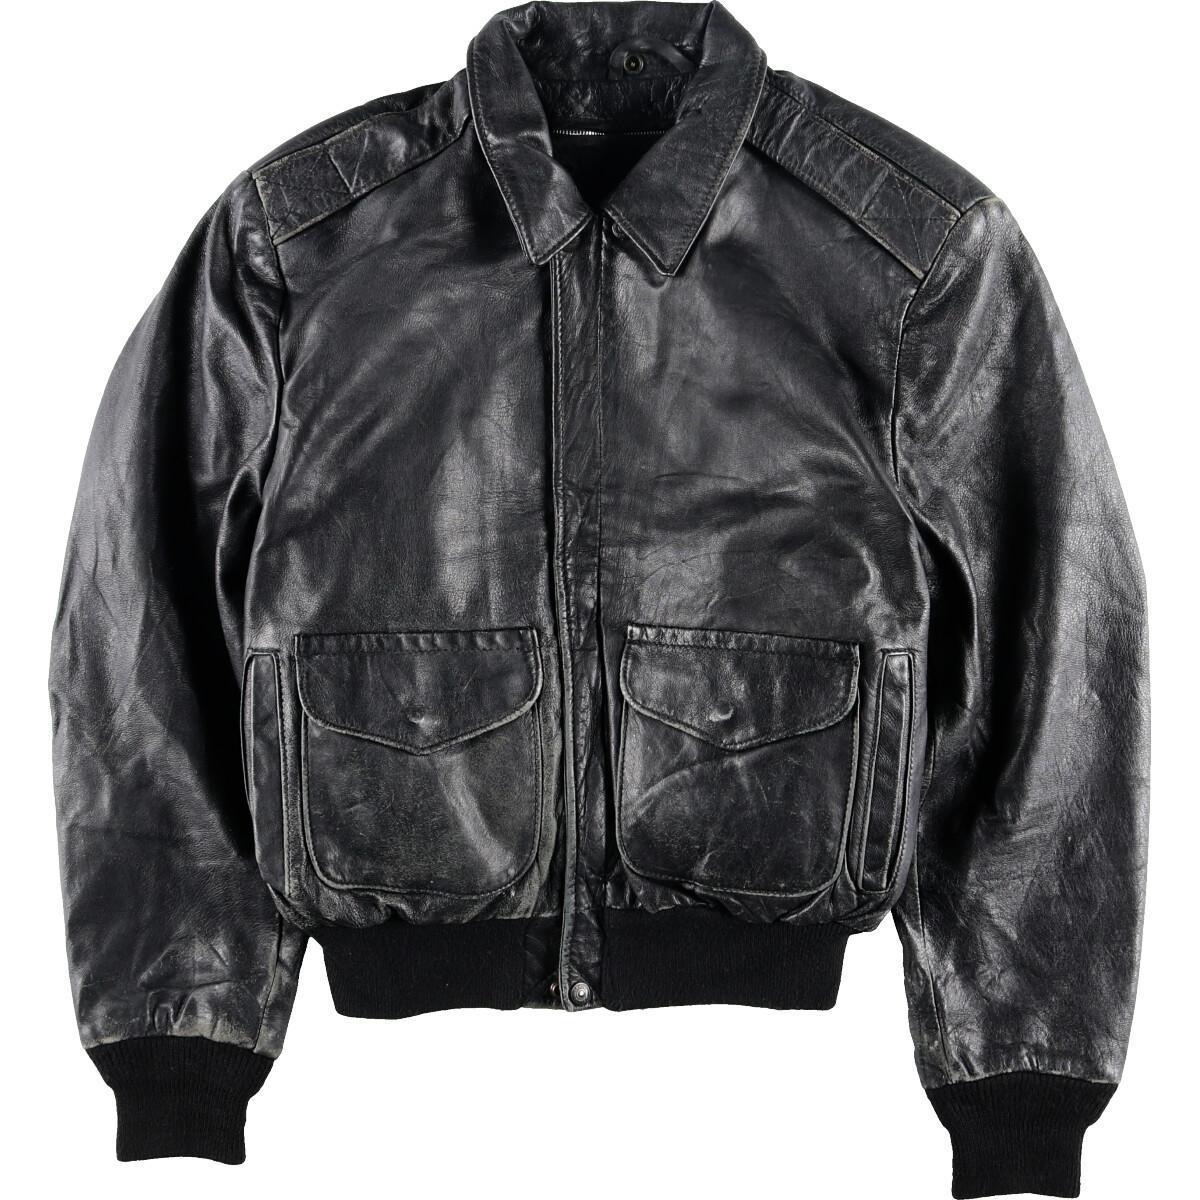 古着屋JAMのショットレザーフライトジャケット